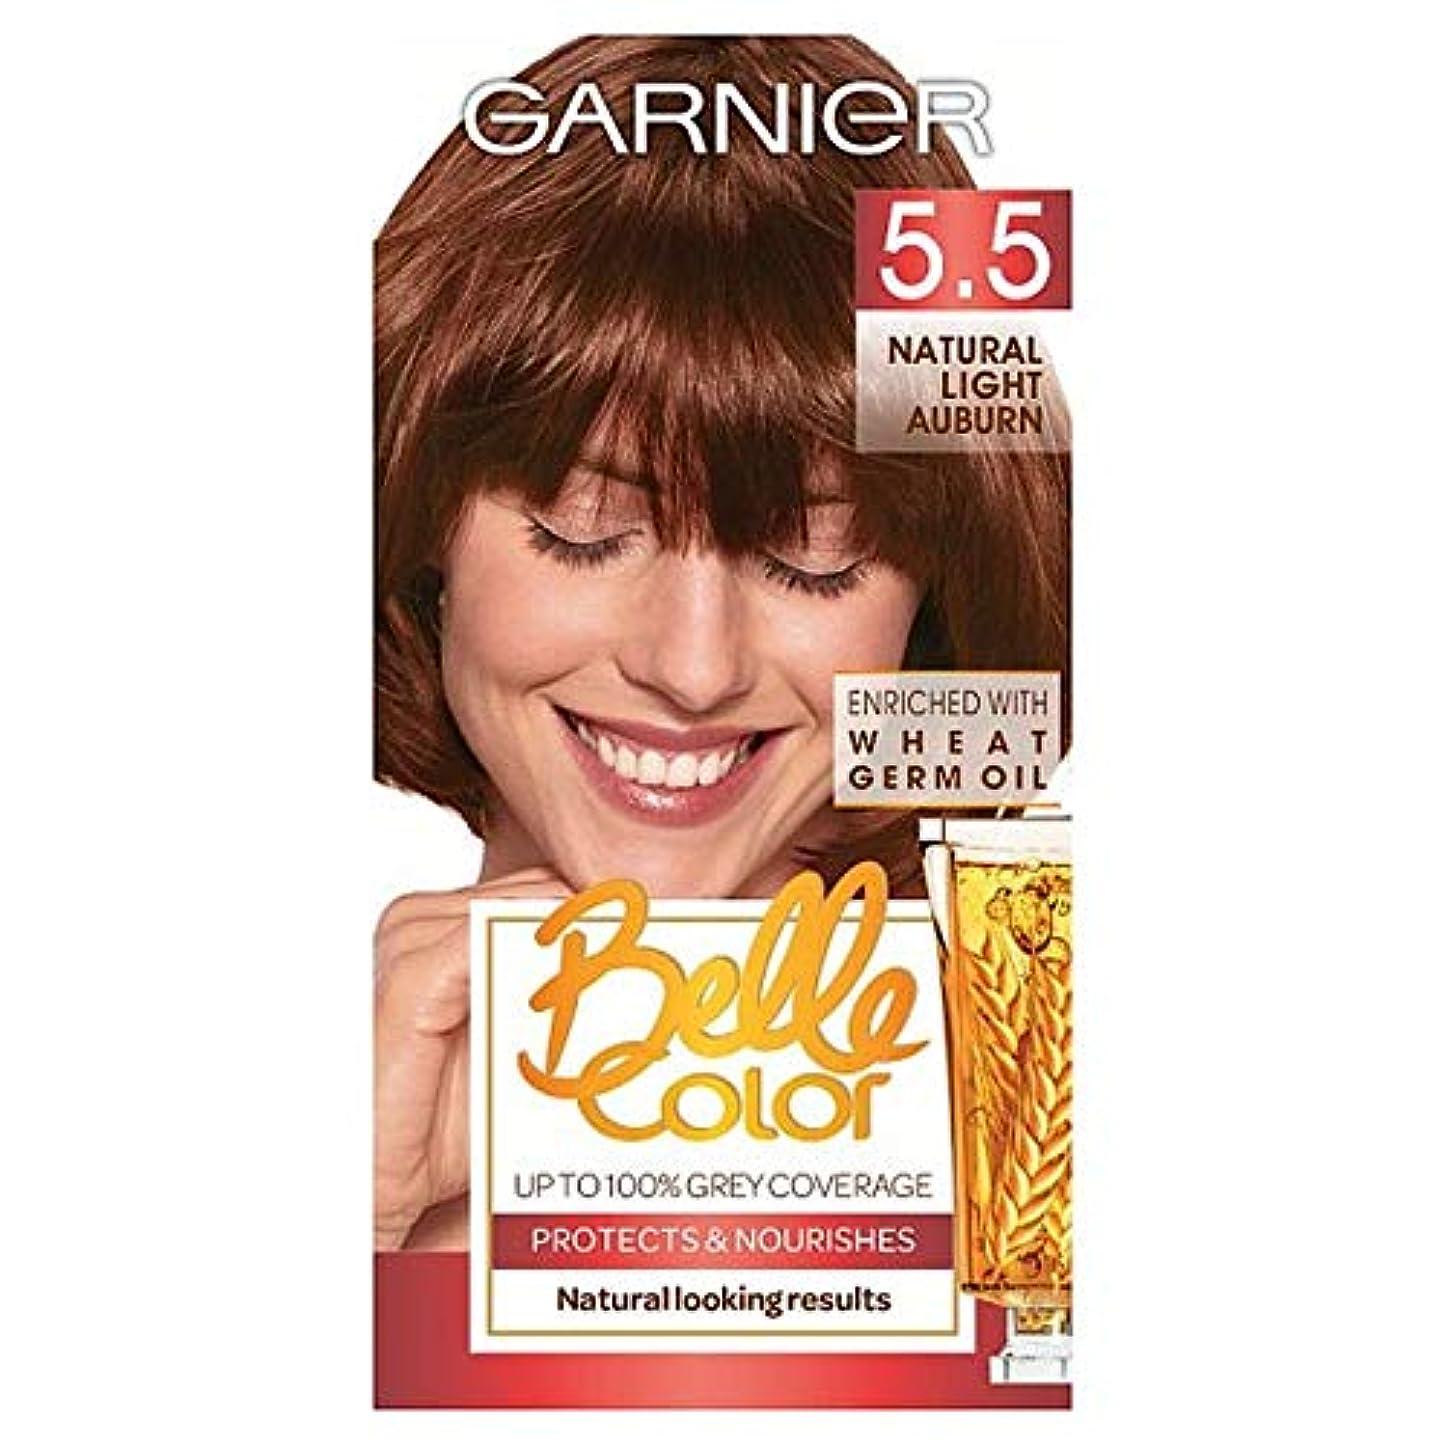 司書外交官卑しい[Belle Color] ガーン/ベル/Clr 5.5自然光赤褐色パーマネントヘアダイ - Garn/Bel/Clr 5.5 Natural Light Auburn Permanent Hair Dye [並行輸入品]